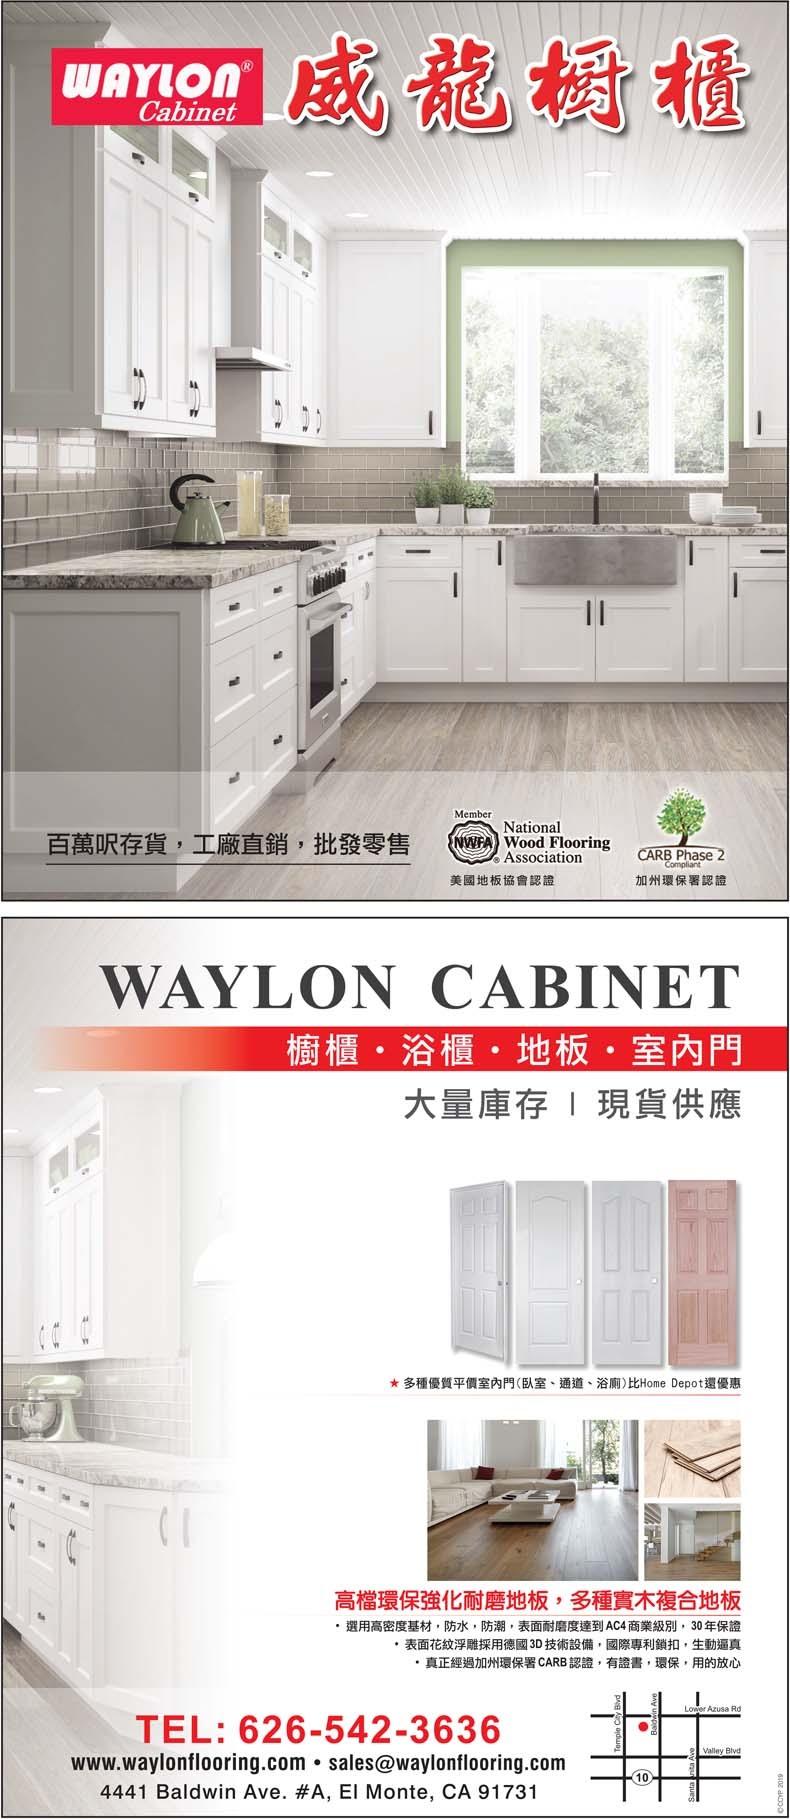 威龍地板 WAYLON FLOORING - 華人工商黃頁